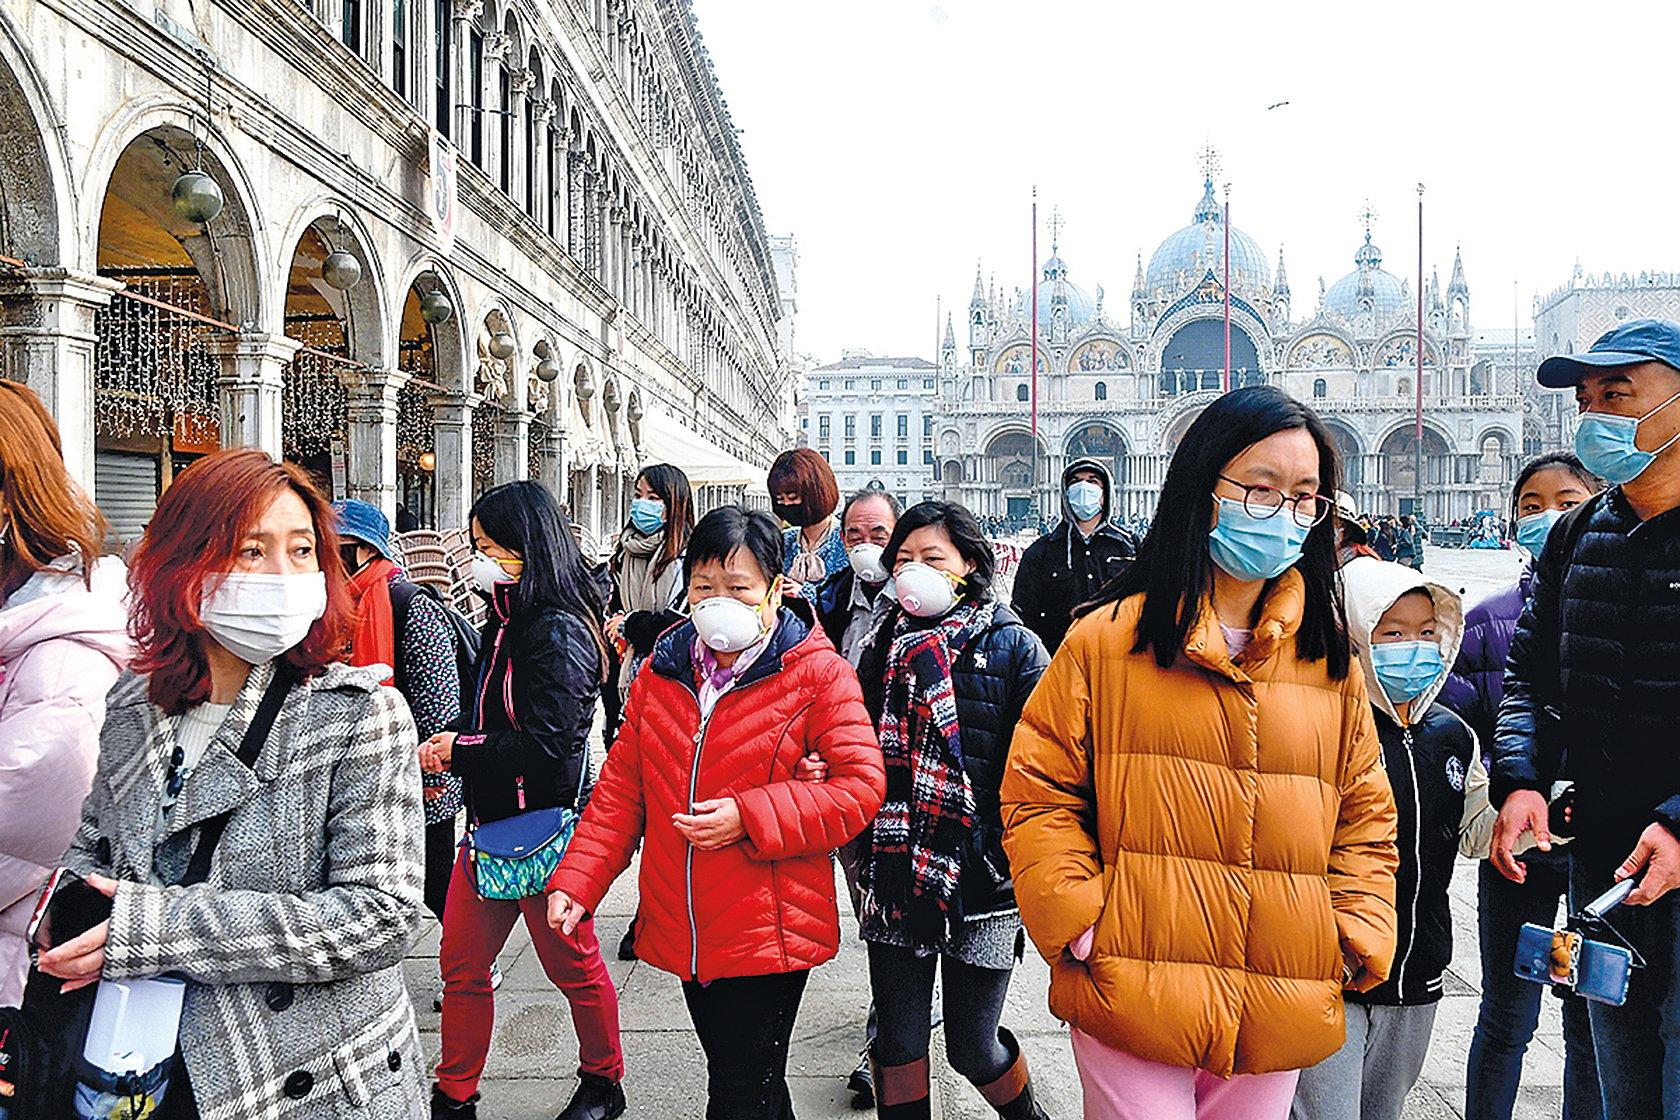 全球超過20萬人感染中共病毒死亡。如何抵擋瘟疫,成為人們關心的議題。(Getty Images)